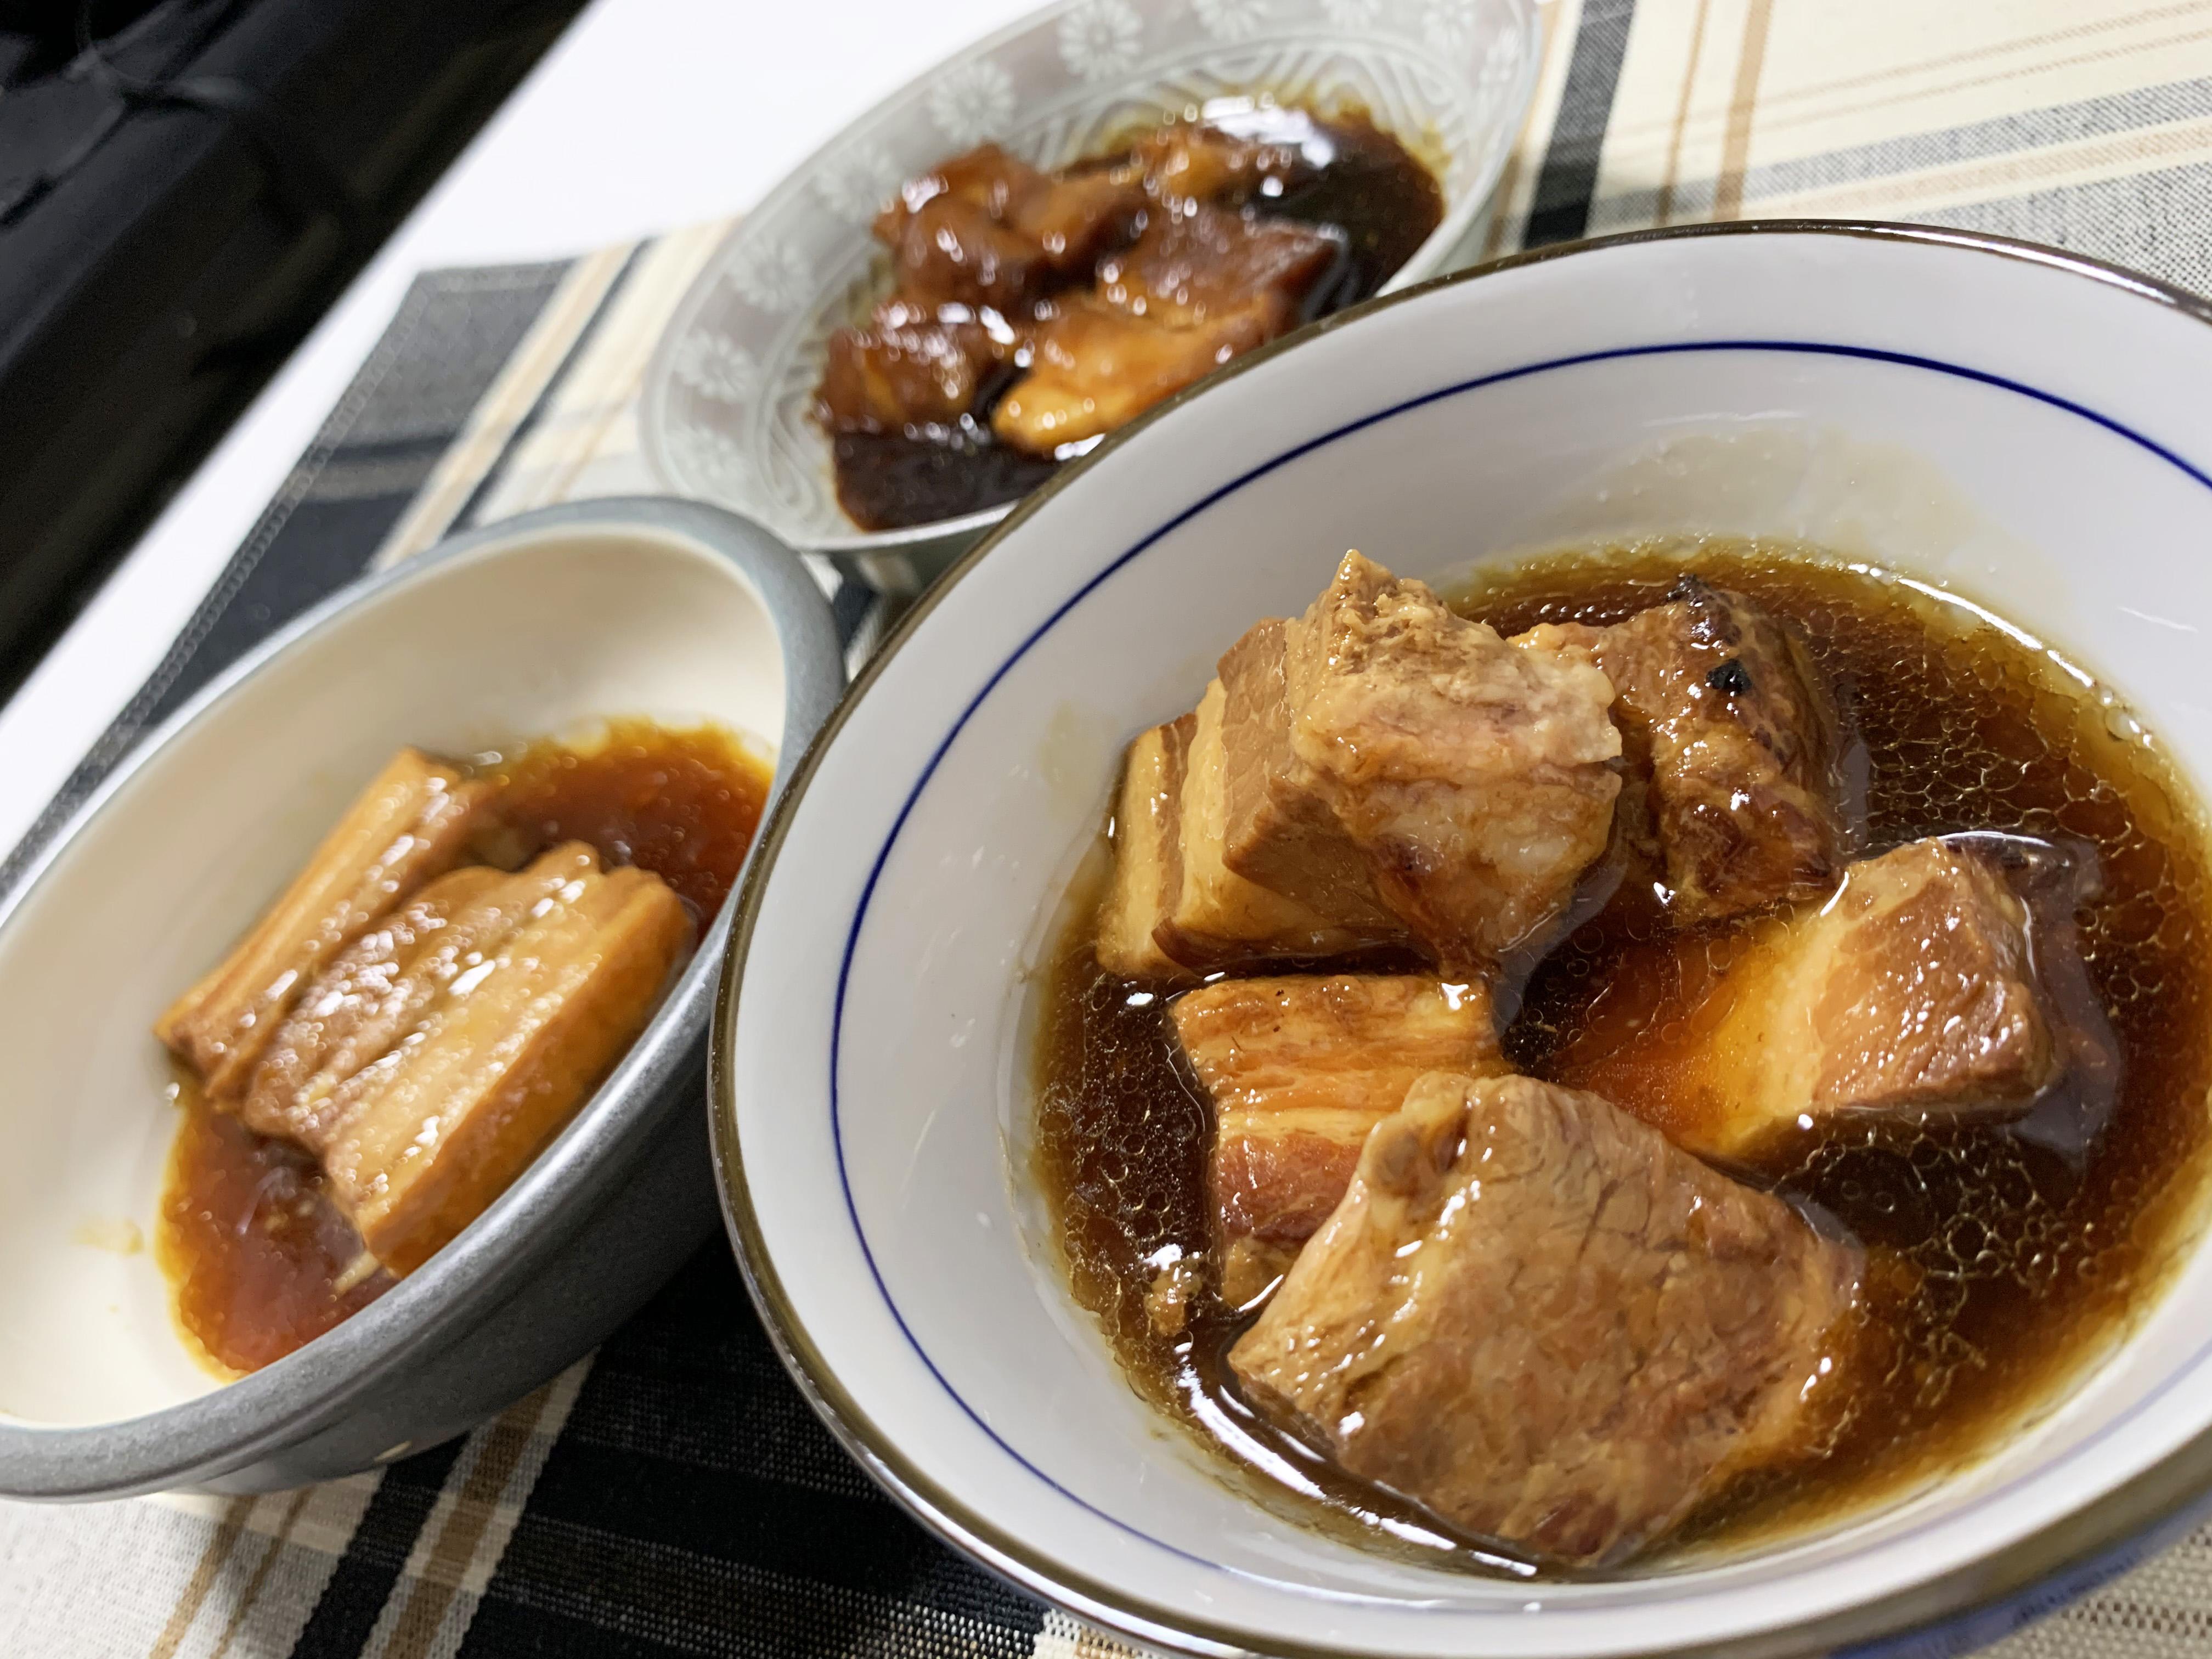 ローソン、ファミマ、セブンの「豚角煮」を食べ比べてみたら最強の肉発見! コラーゲンたっぷりで激ウマだったのがコレだ!!